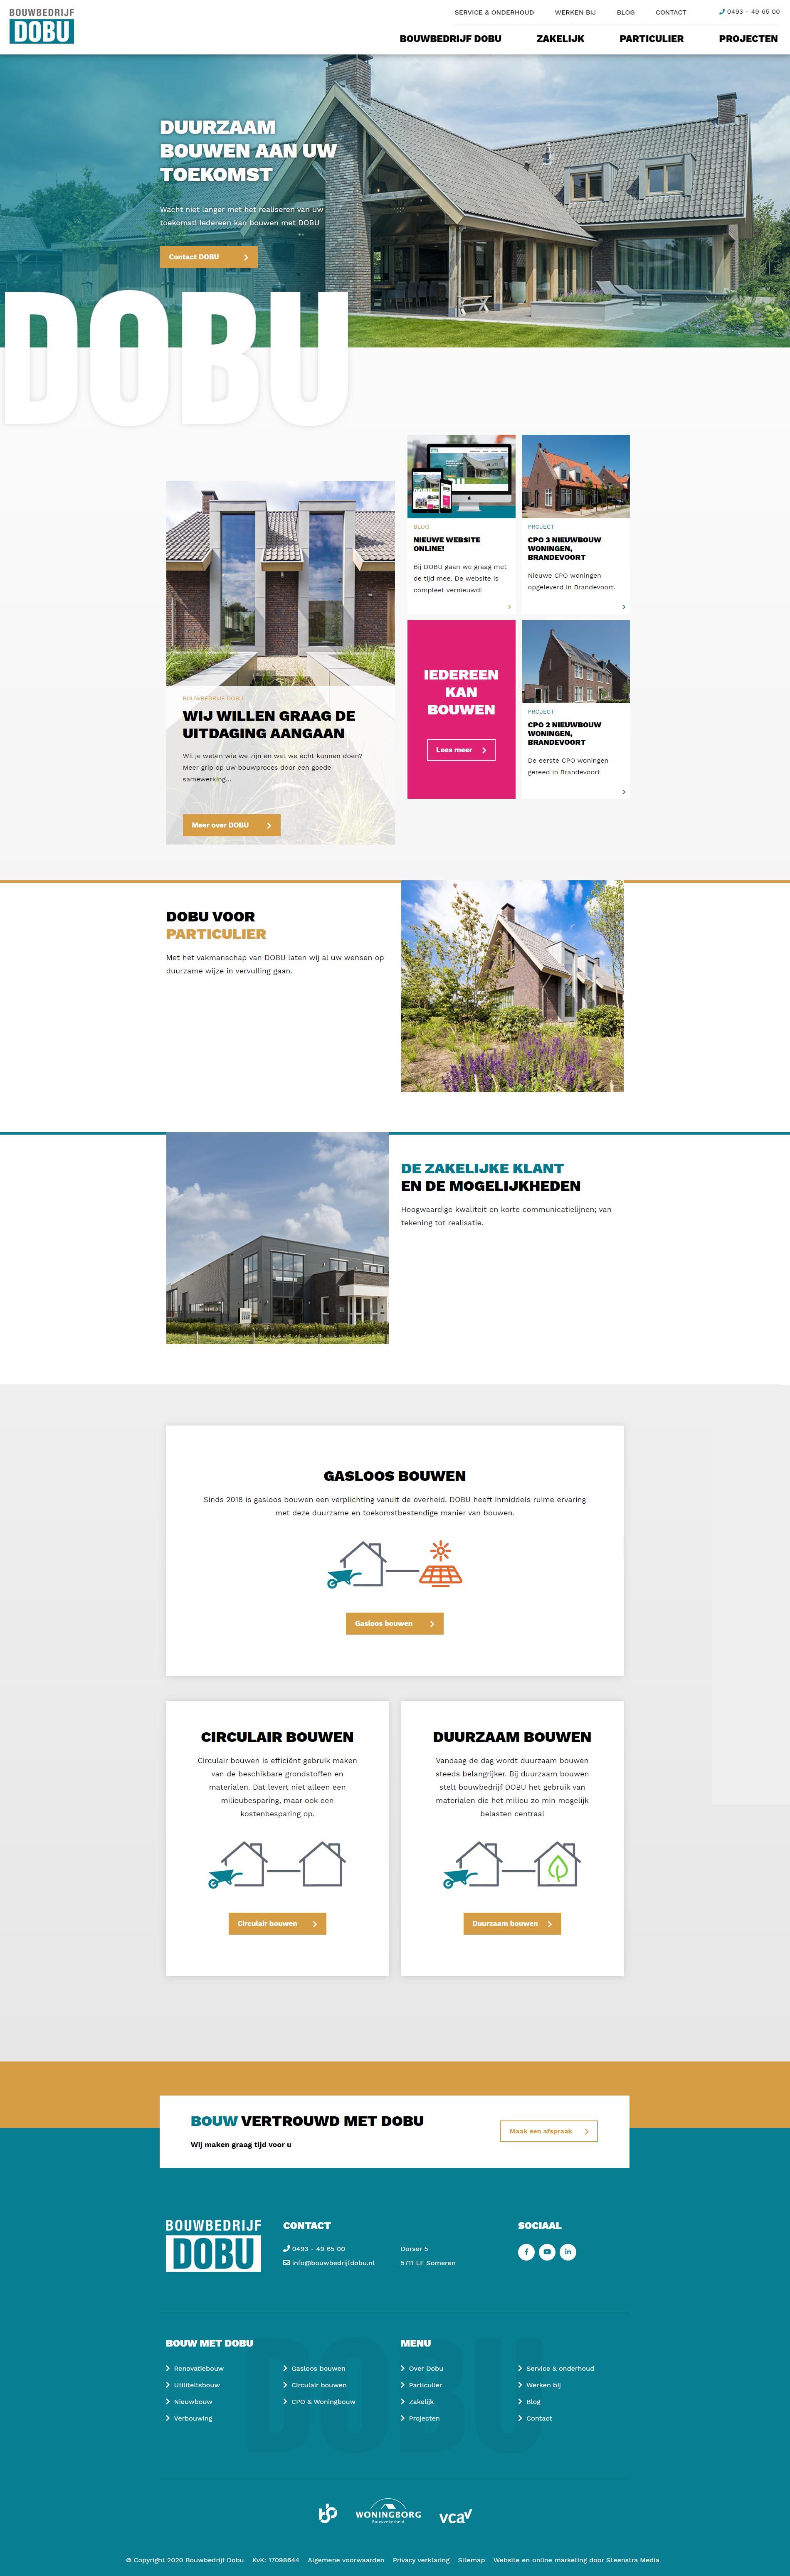 website-someren-bouwbedrijf-DOBU-SteenstraMedia